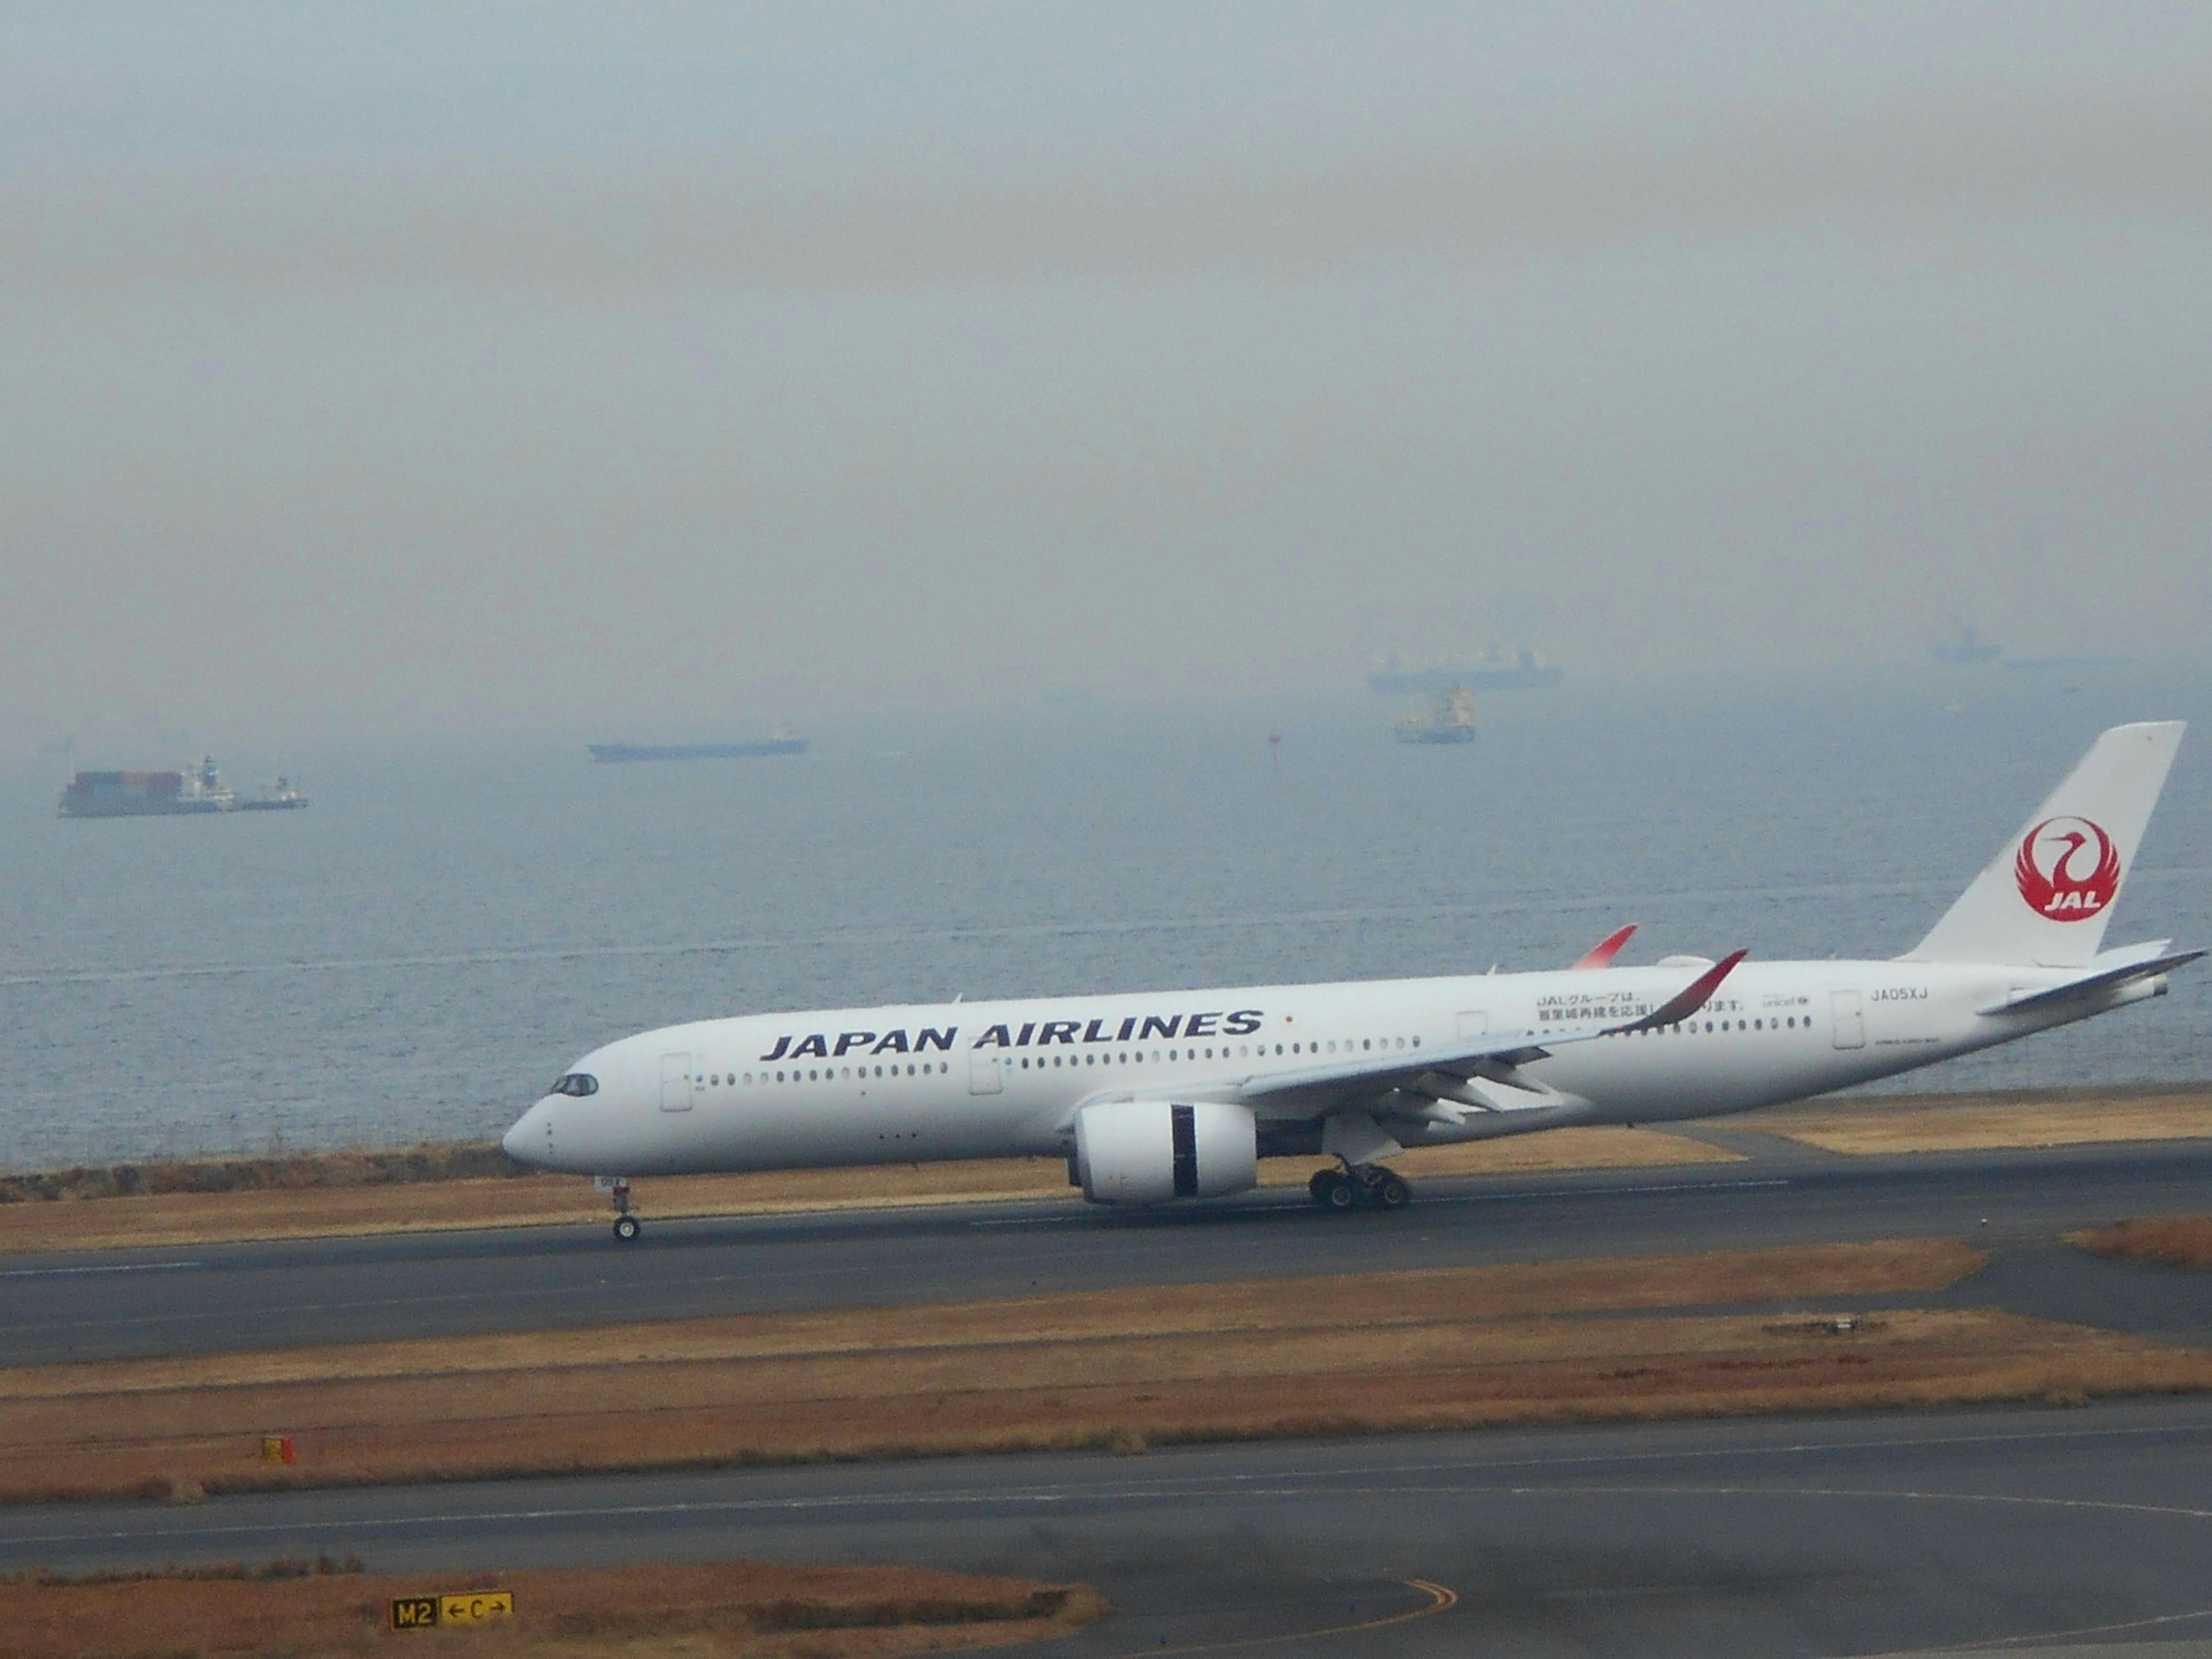 f:id:A350-900:20210110081547j:image